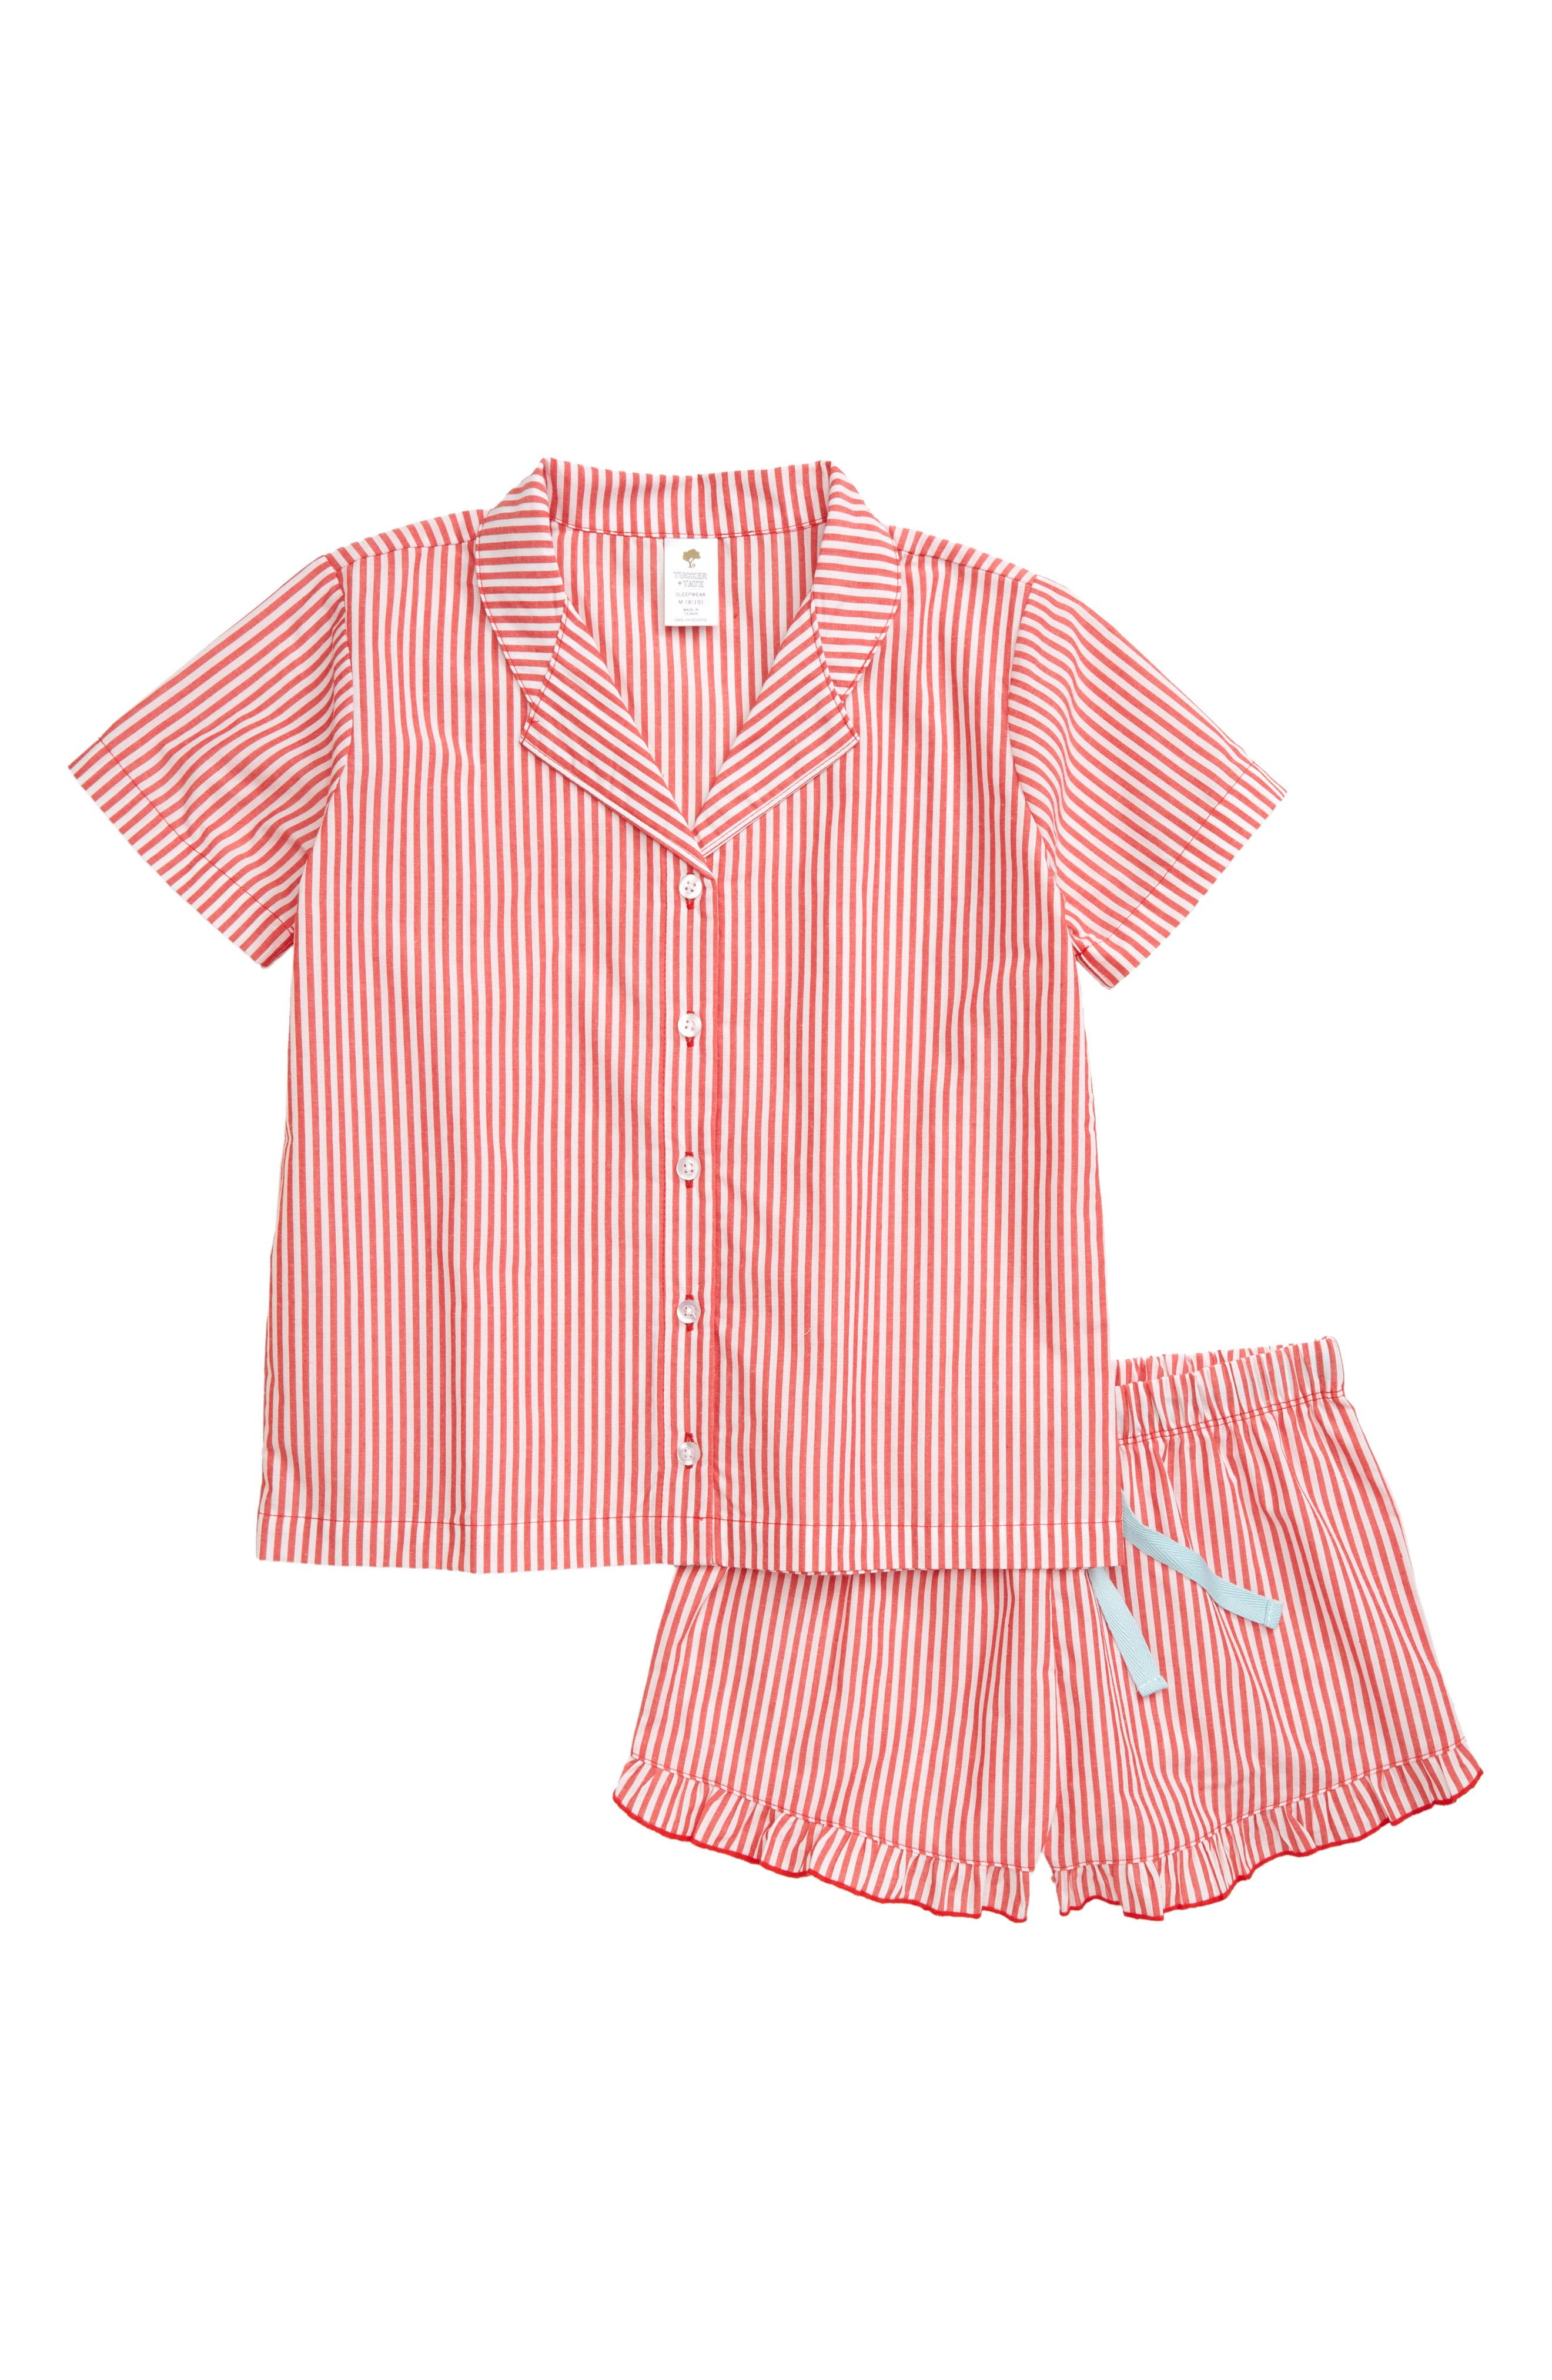 Pajamas clipart onesie pajama, Pajamas onesie pajama.